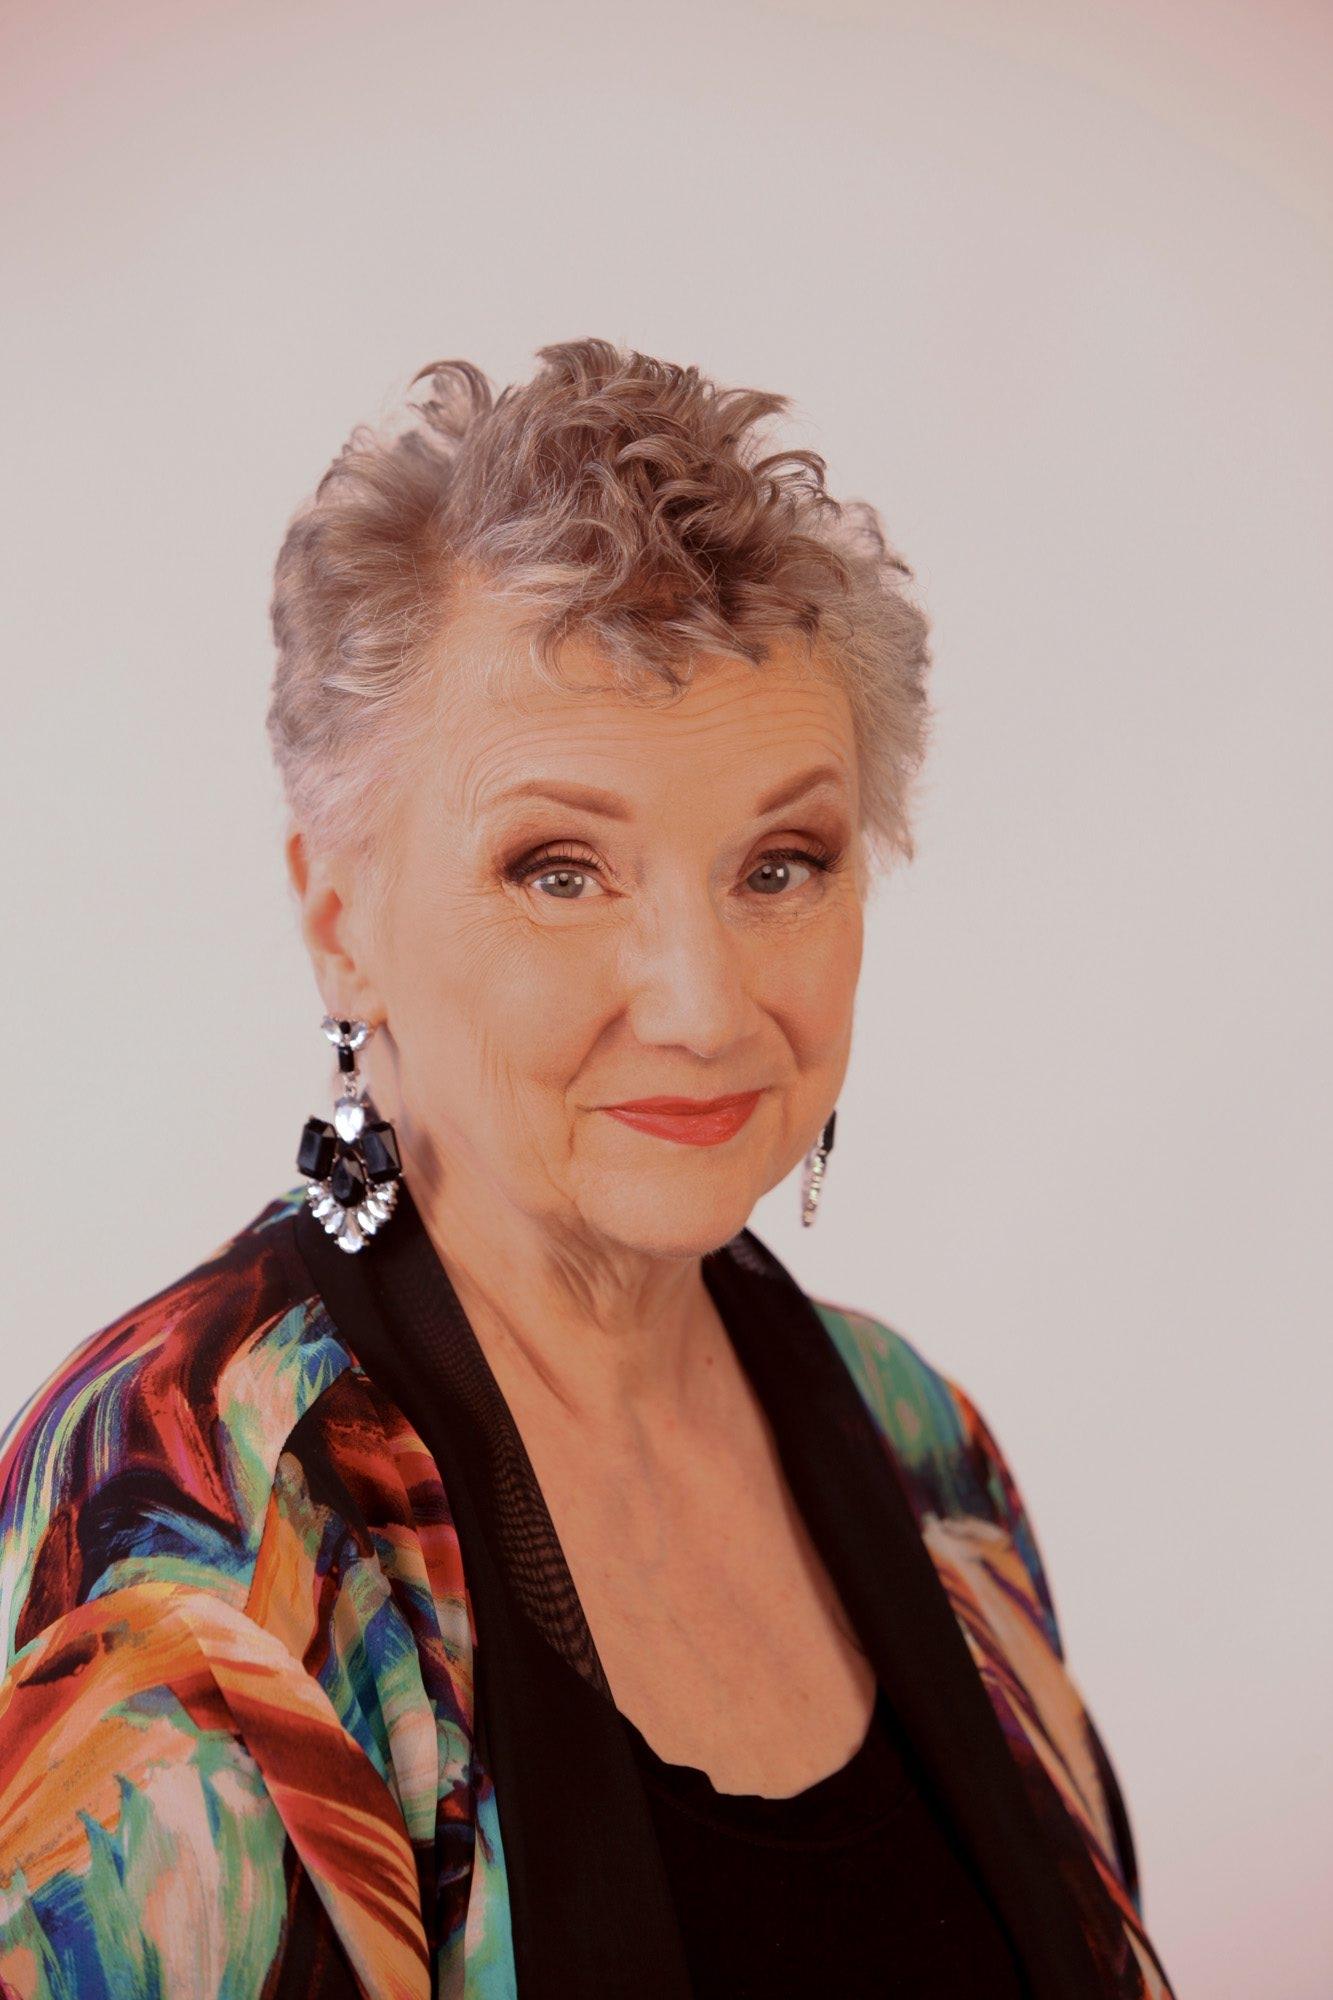 Elaine Polvinen